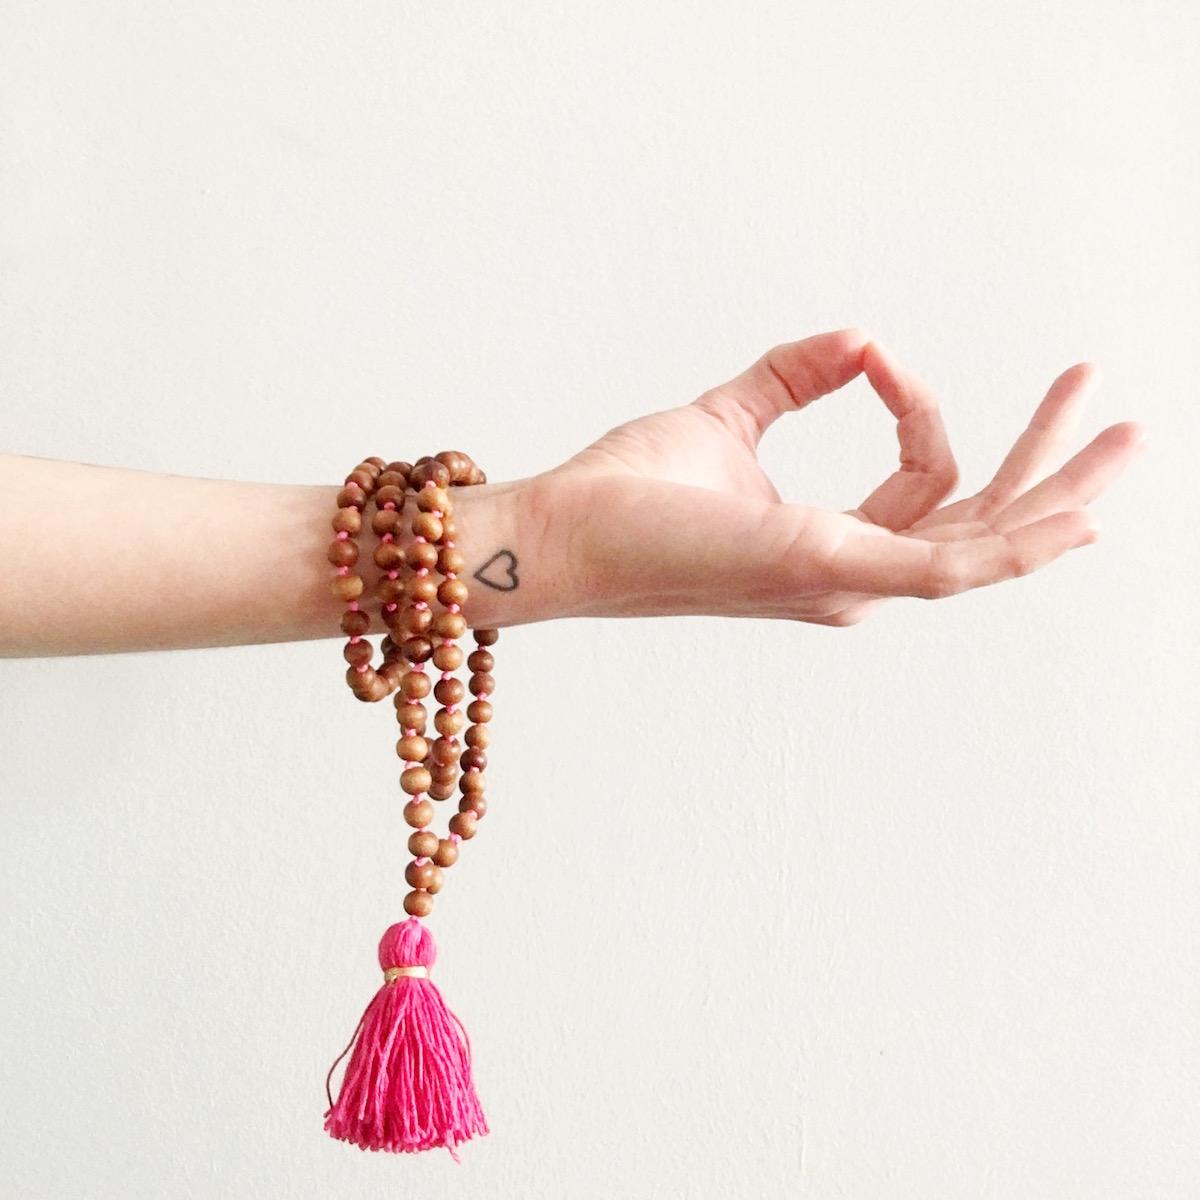 Selbstgeißelung unter dem Deckmäntelchen der Spiritualität